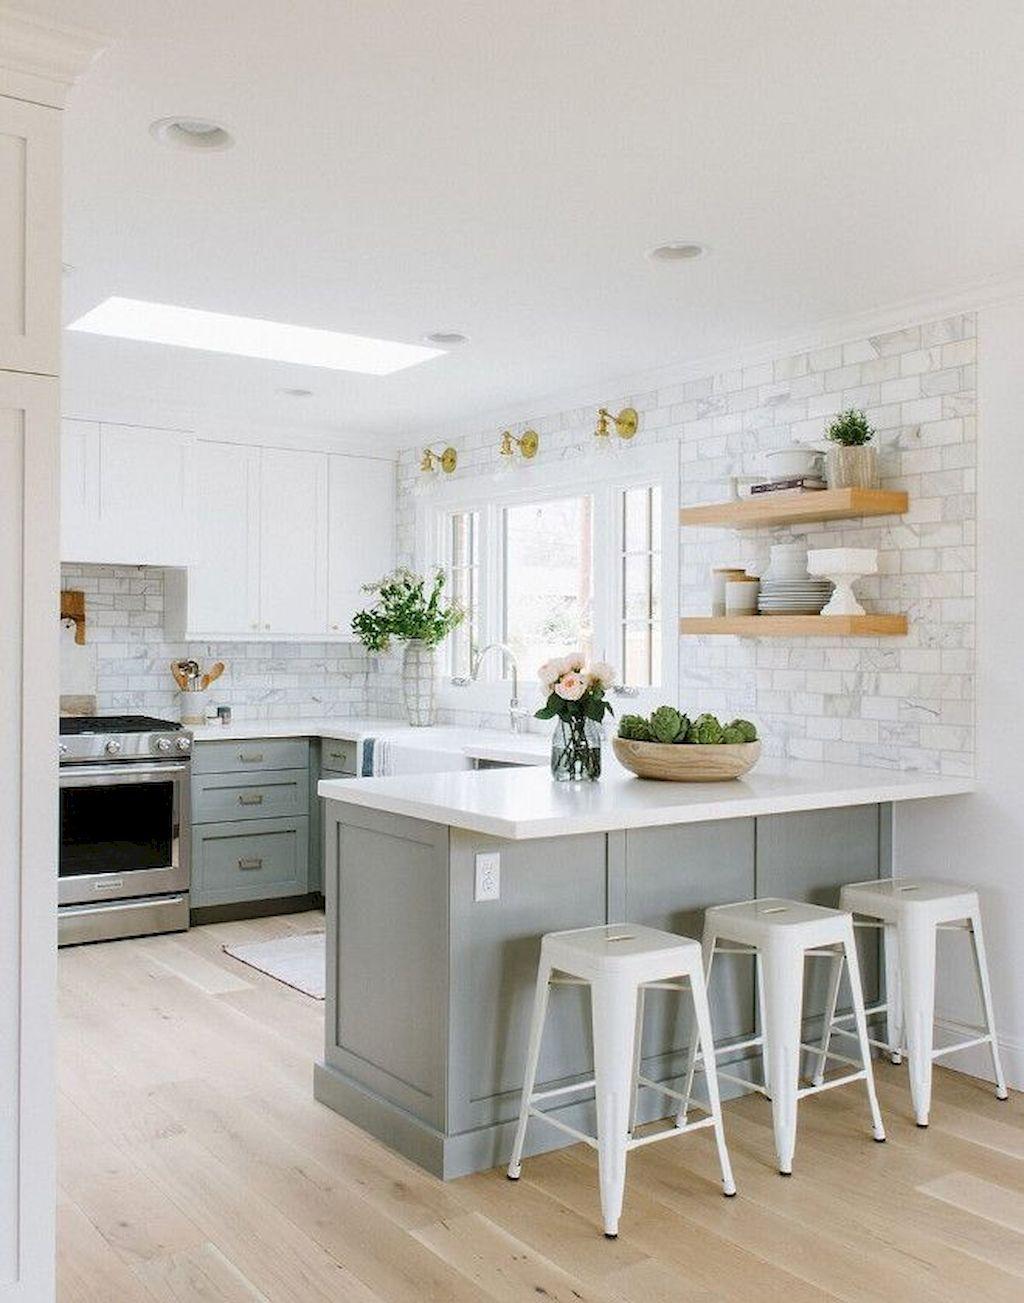 Small Kitchen Ideas For Your Appartement Kitchen Design Kitchen